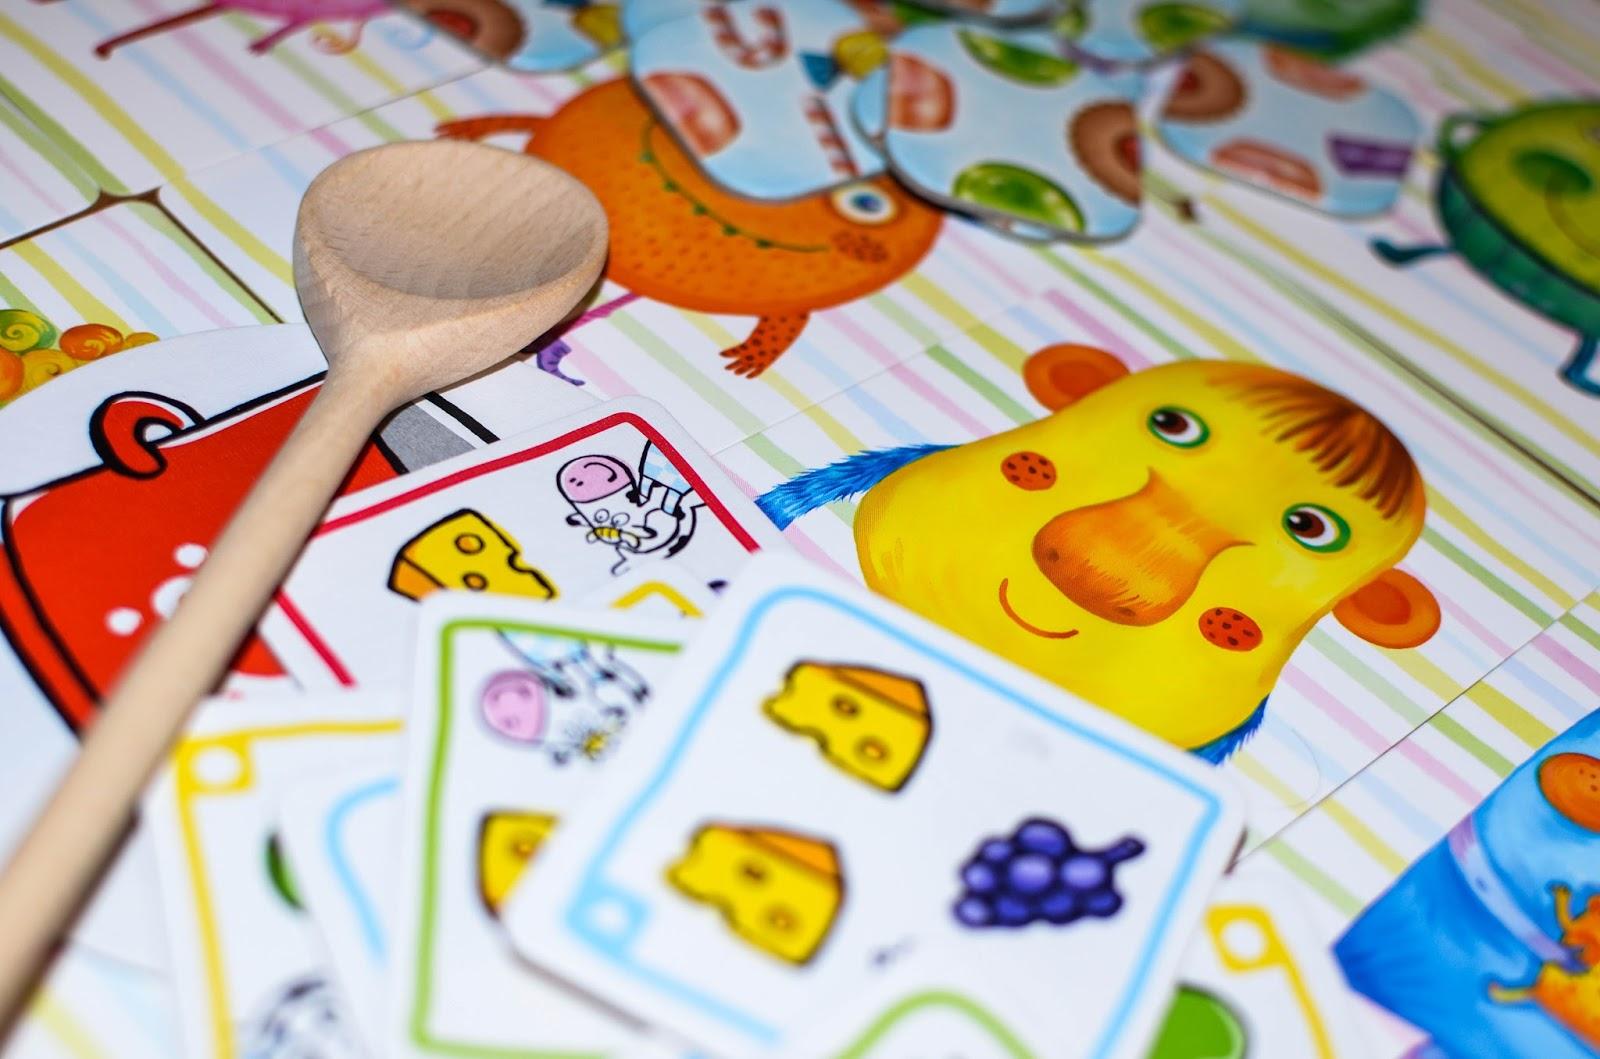 gry planszowe, gry 5+, gry od 5, Granna, Nasza Księgarnia, gry dla pięciolatka,